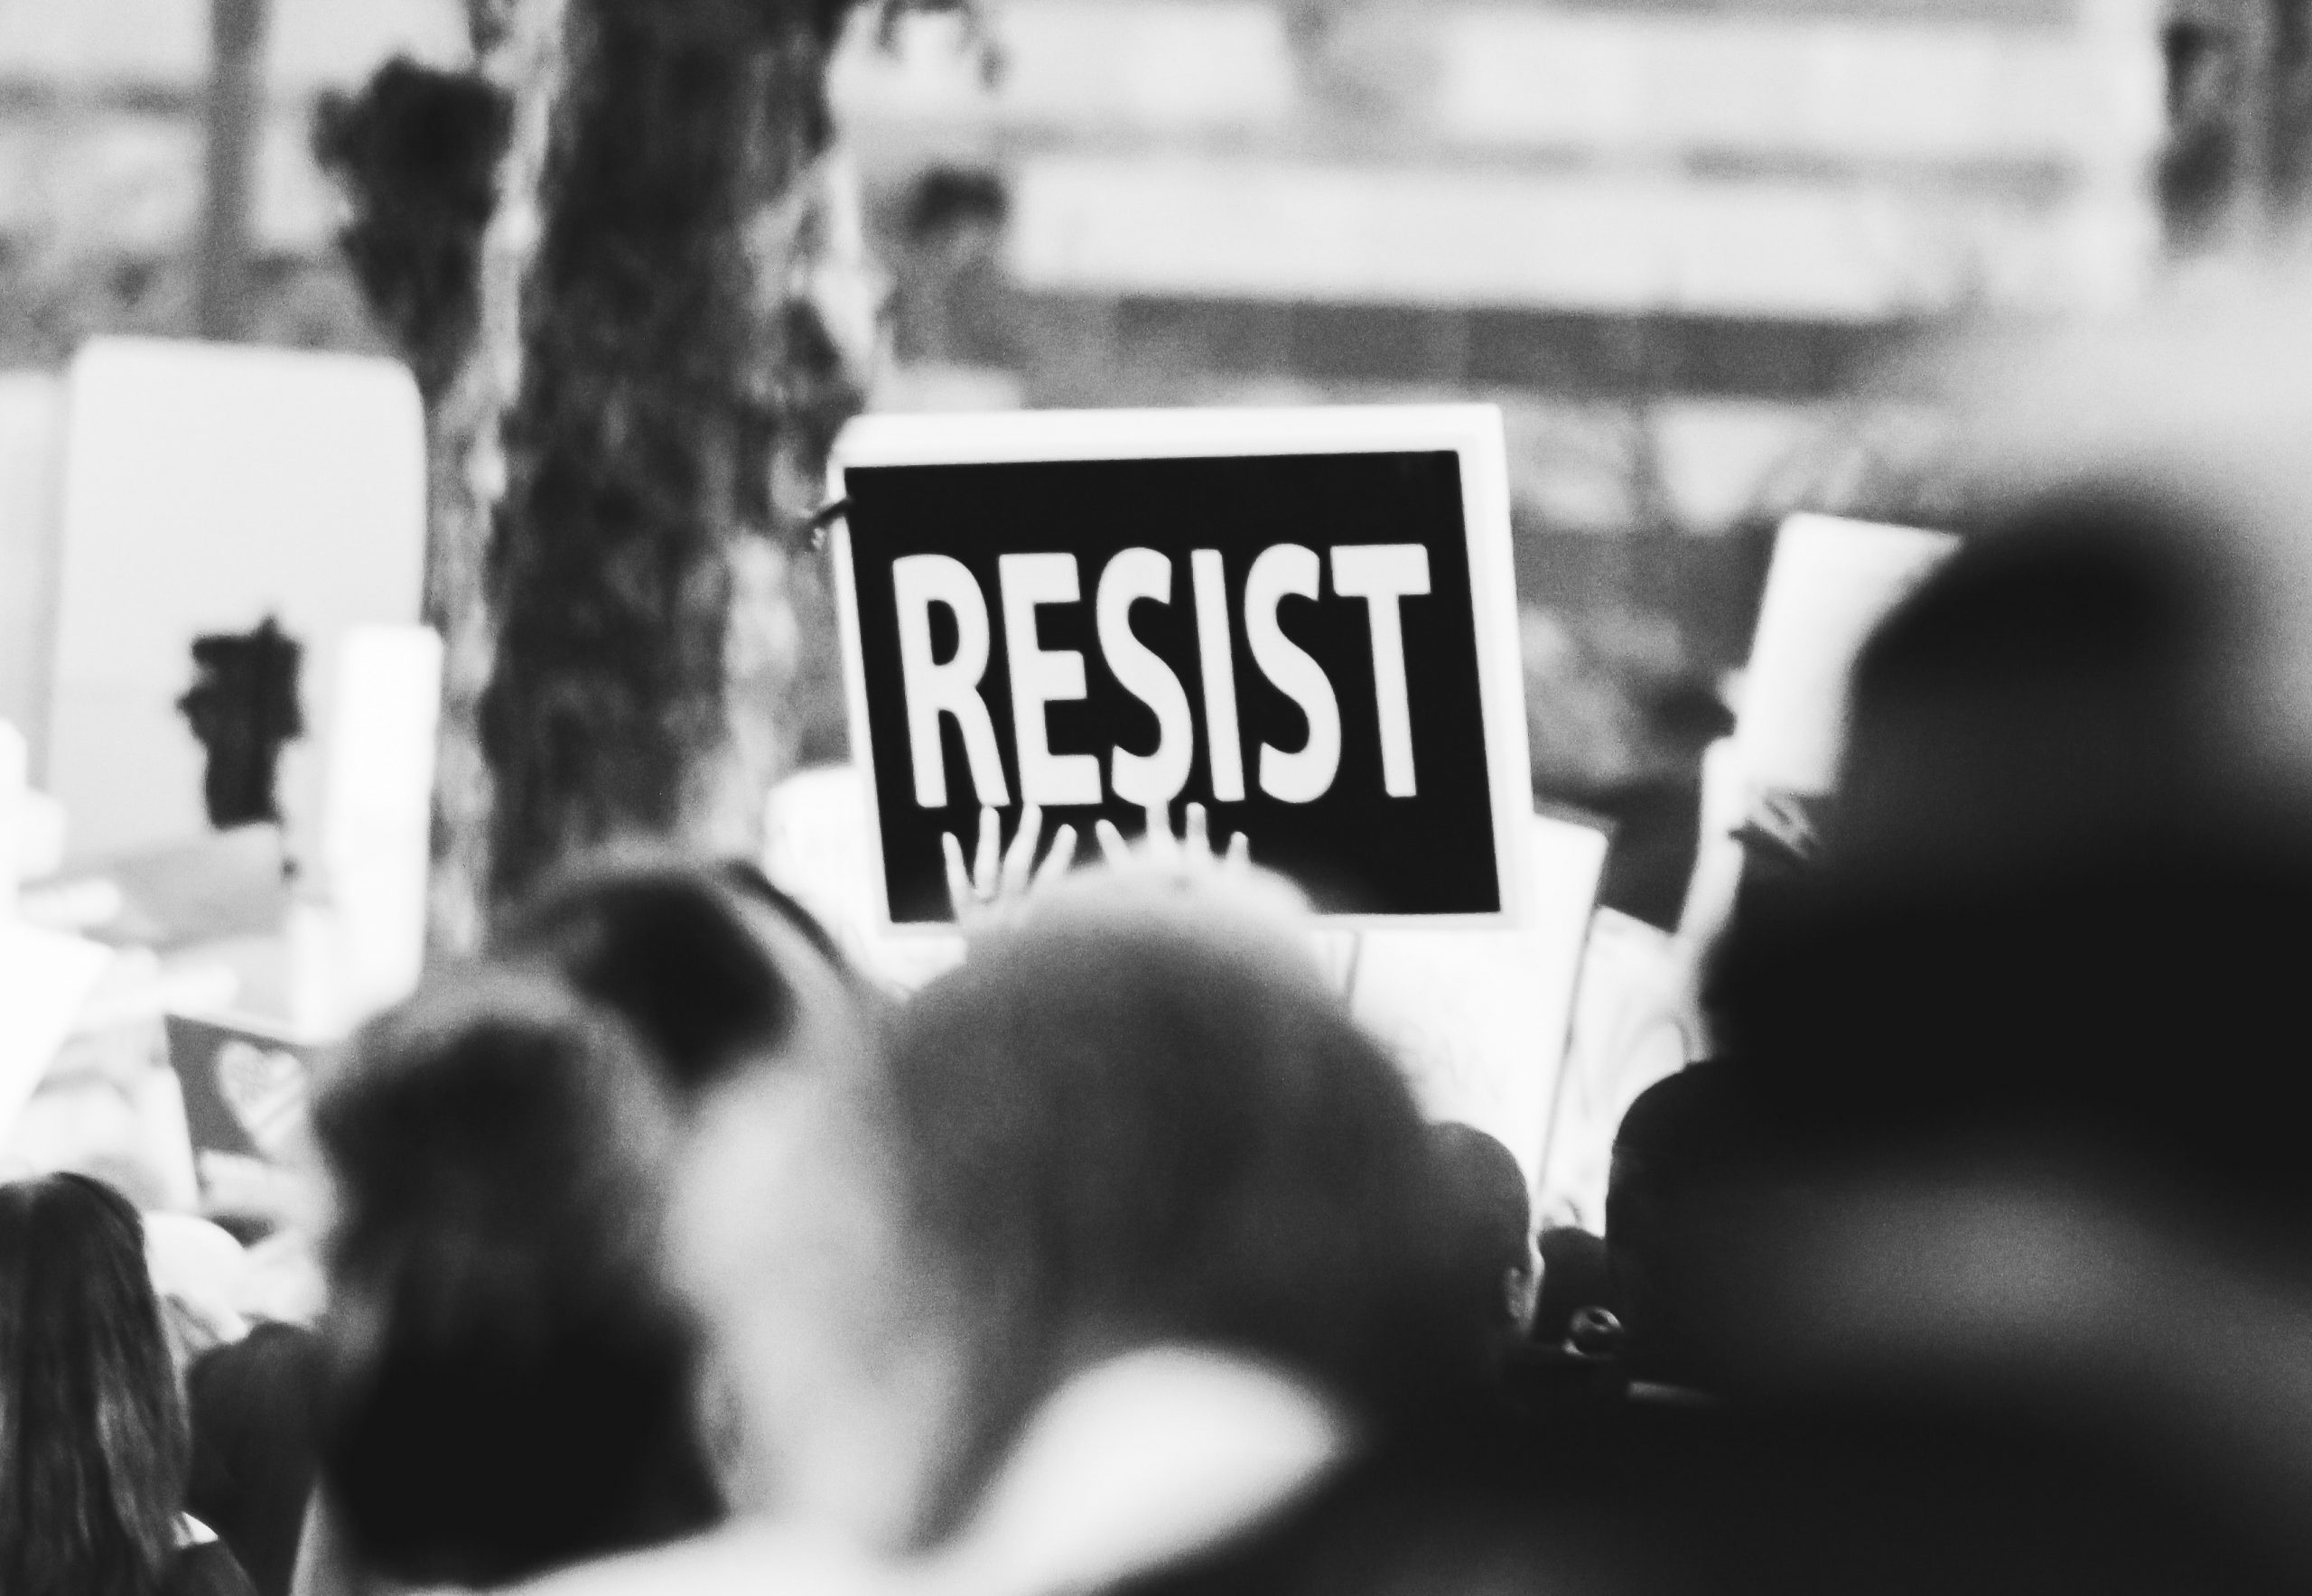 #BlackLivesMatter en voz de las marcas, ¿apoyo real a la protesta?